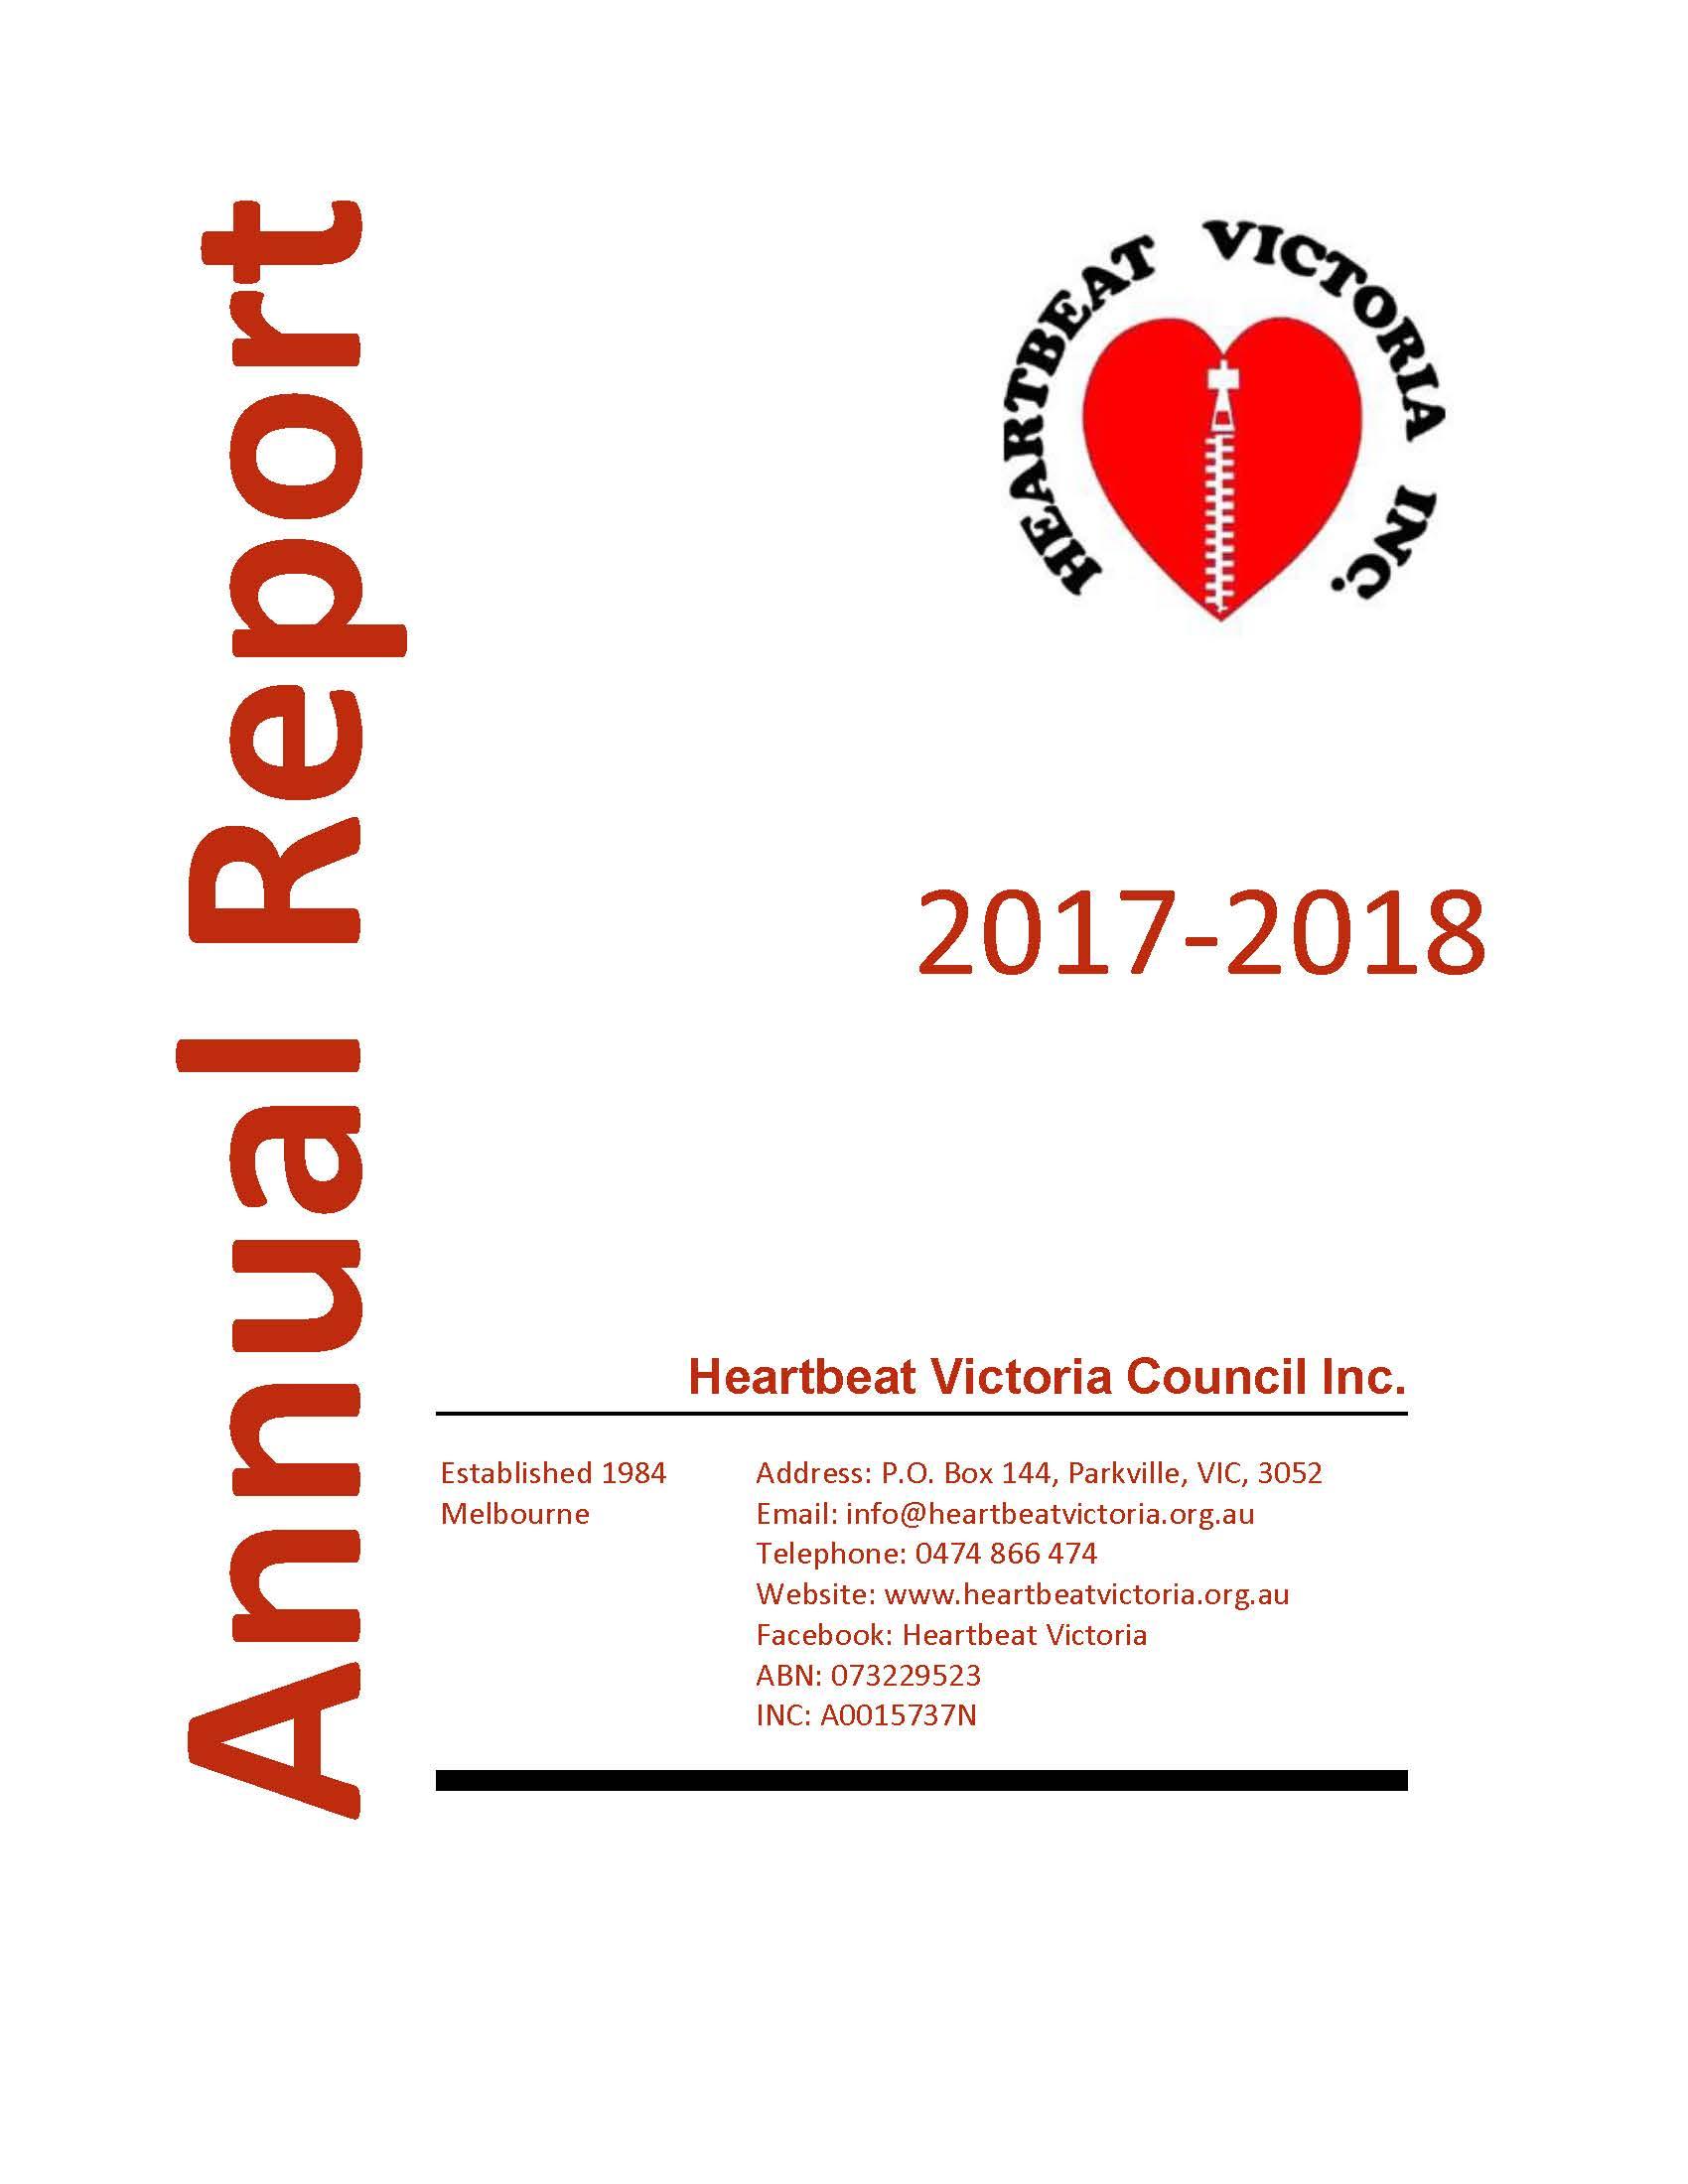 Heartbeat Victoria Council Annual Report 2017-2018